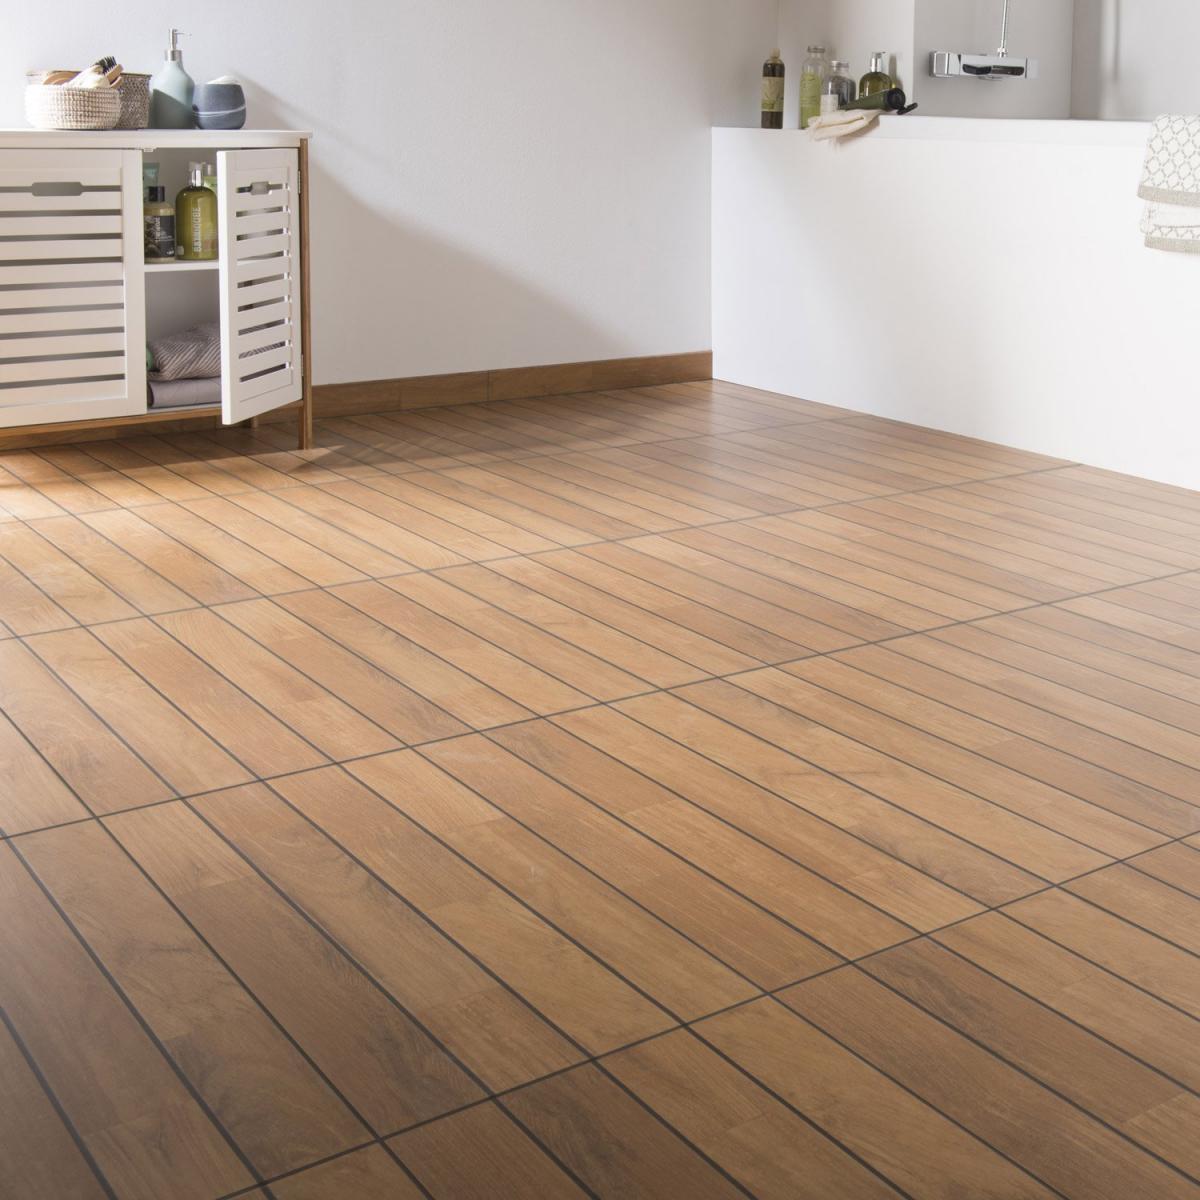 Poser un carrelage imitation bois - Atwebster.fr - Maison et mobilier